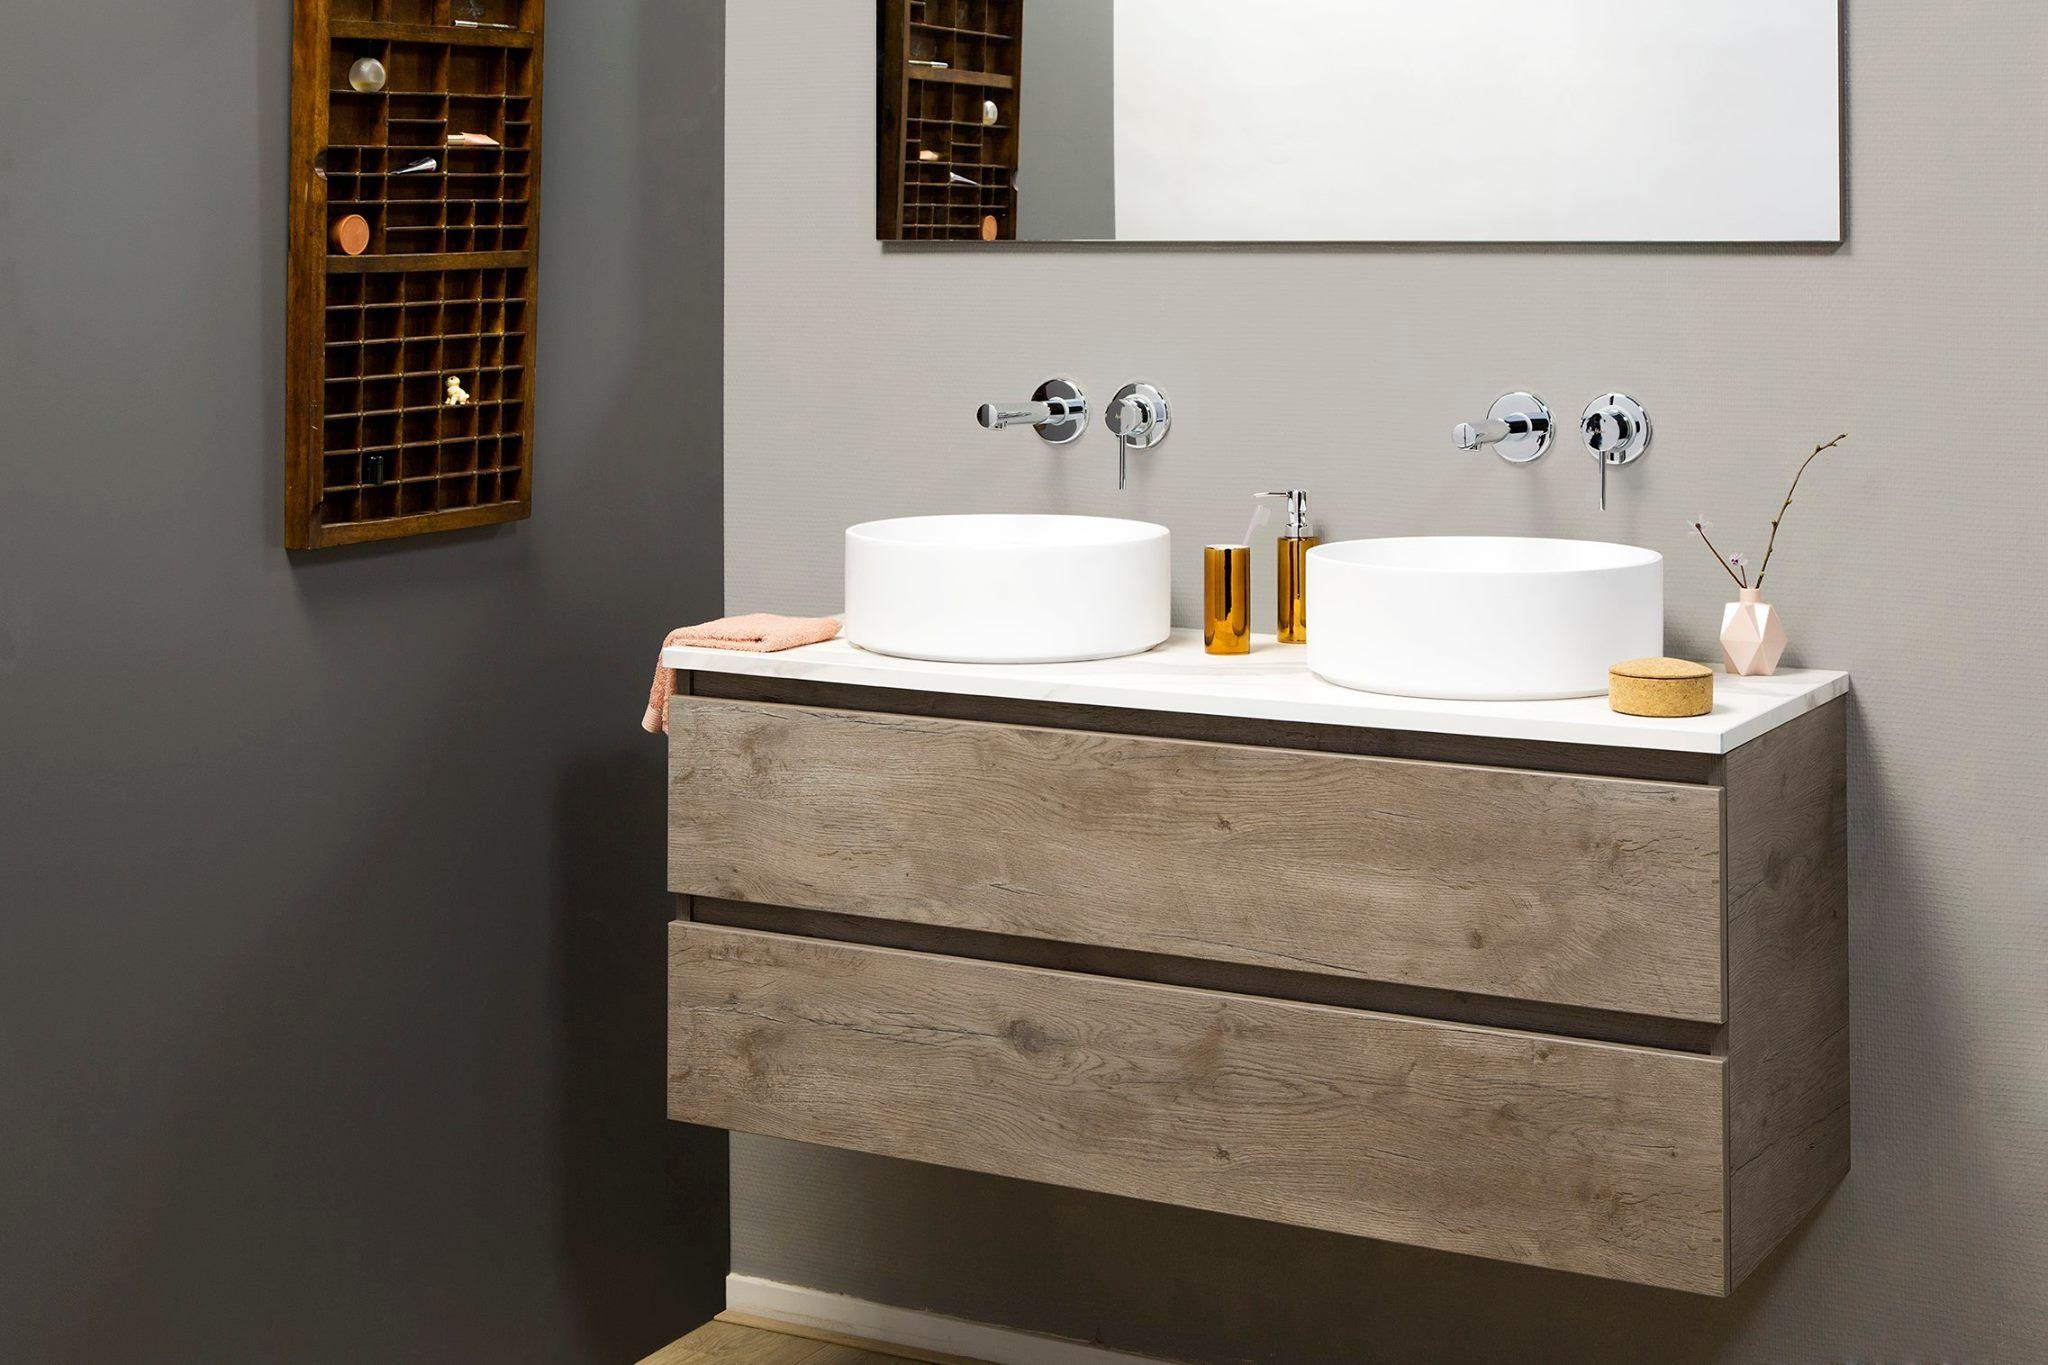 Badkamermeubel met houtlook en opbouwkommen dekker zevenhuizen badkamermeubels badkamer - Badkamermeubels steen ...